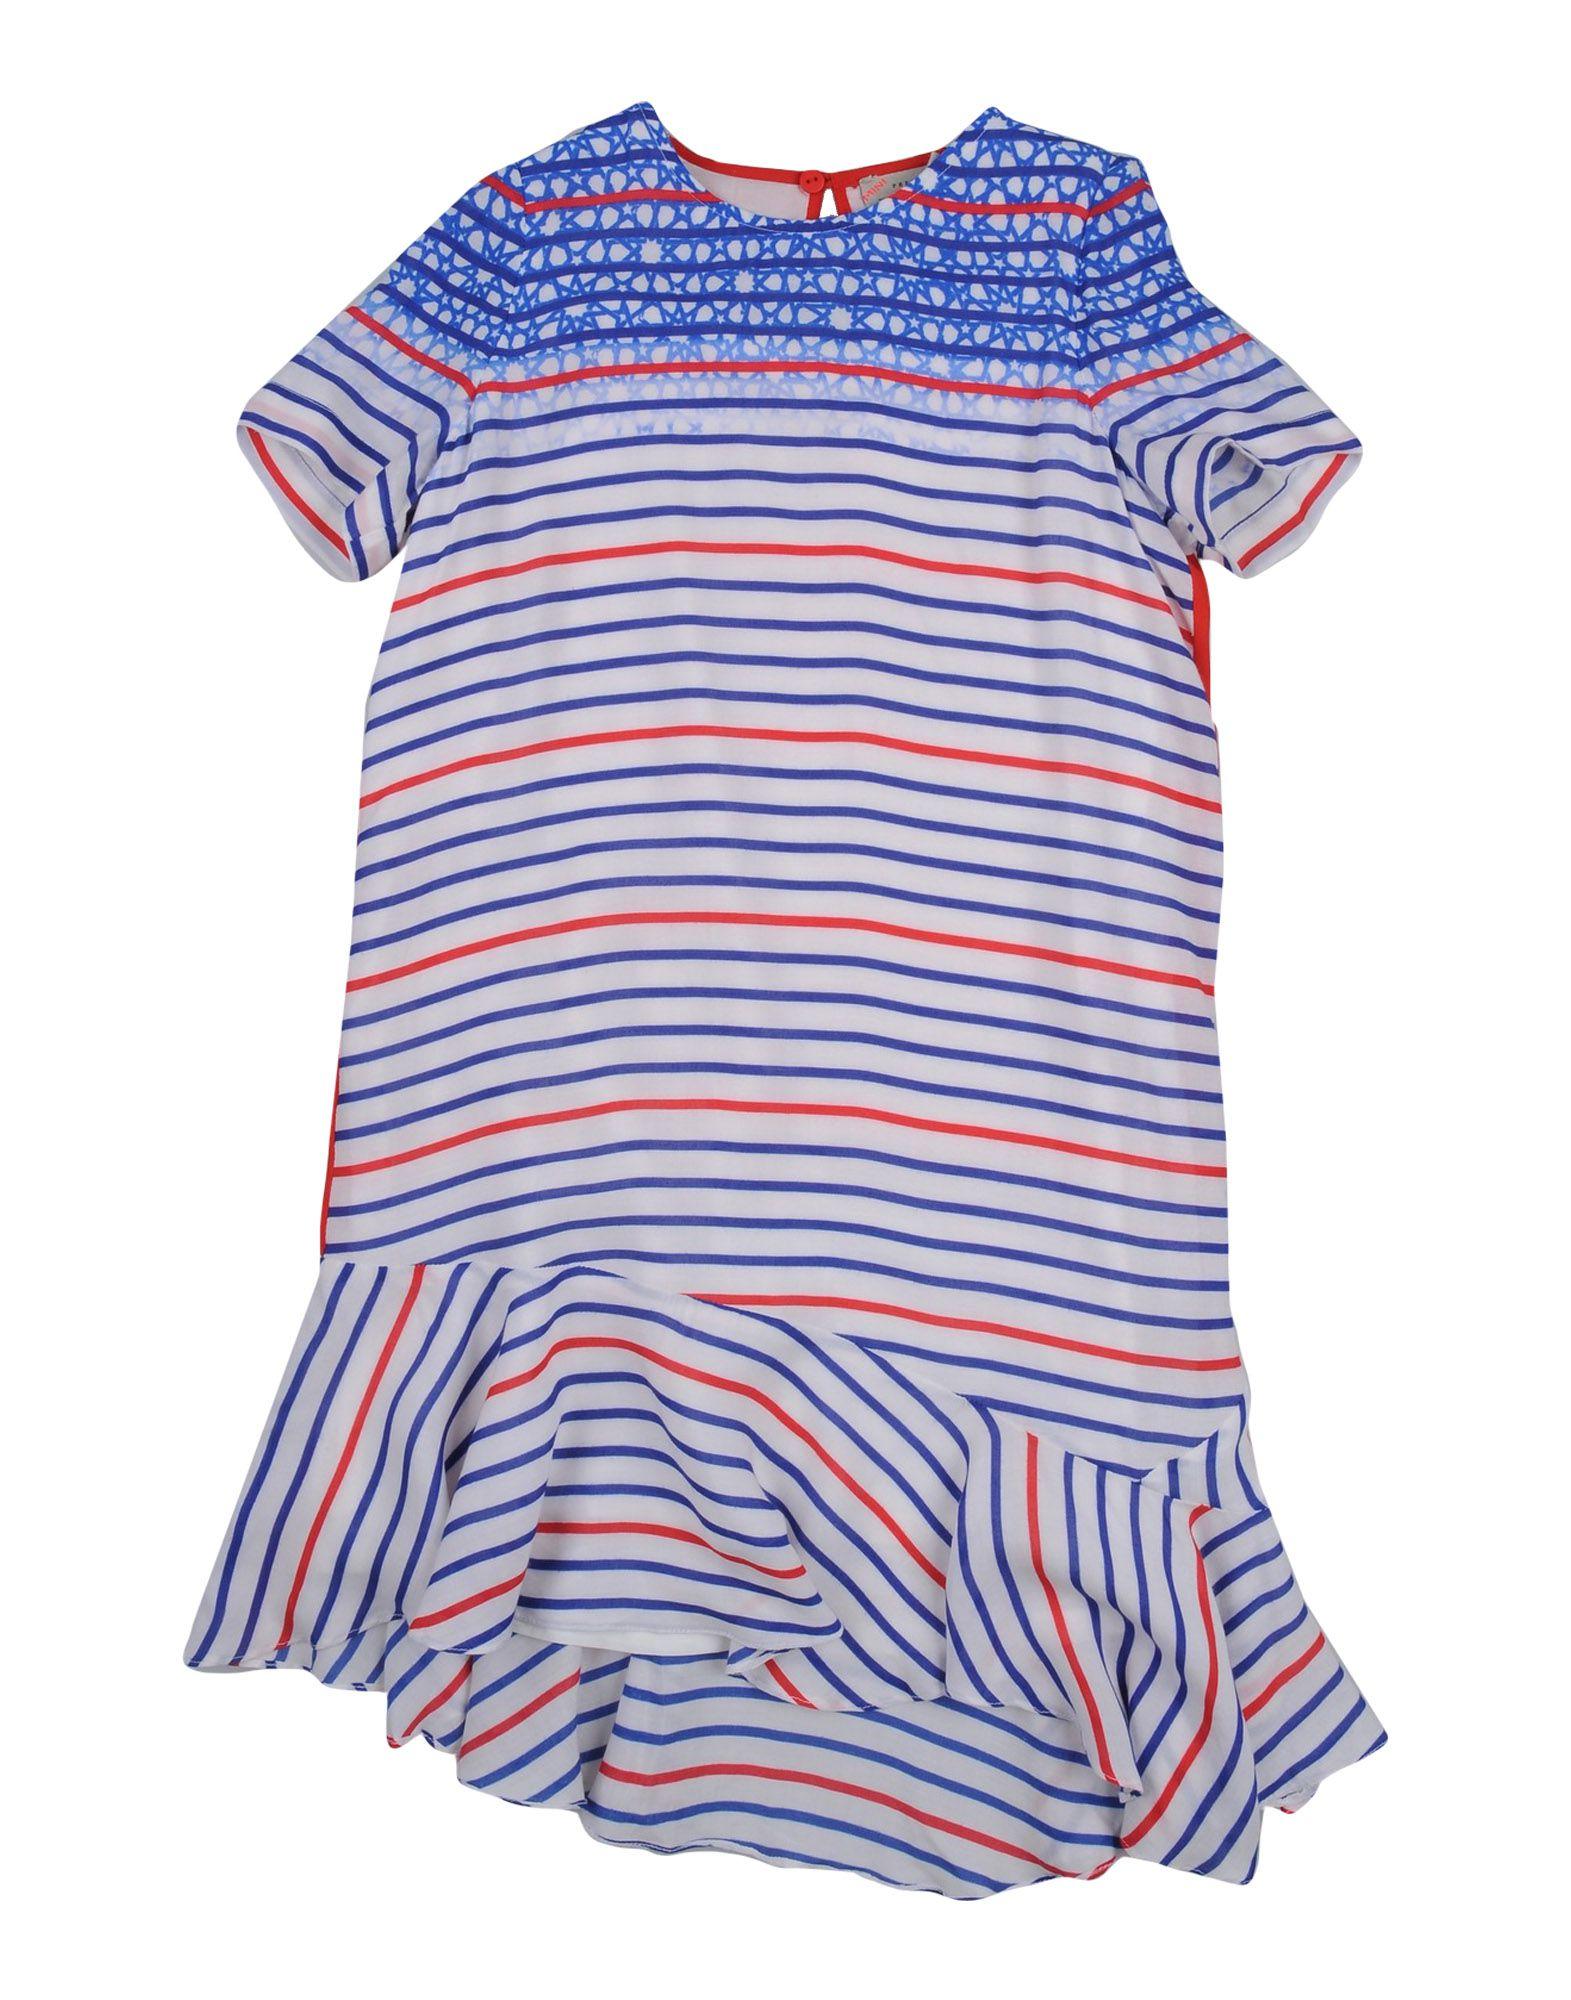 PREEN by THORNTON BREGAZZI Mädchen 3-8 jahre Kleid Farbe Blau Größe 6